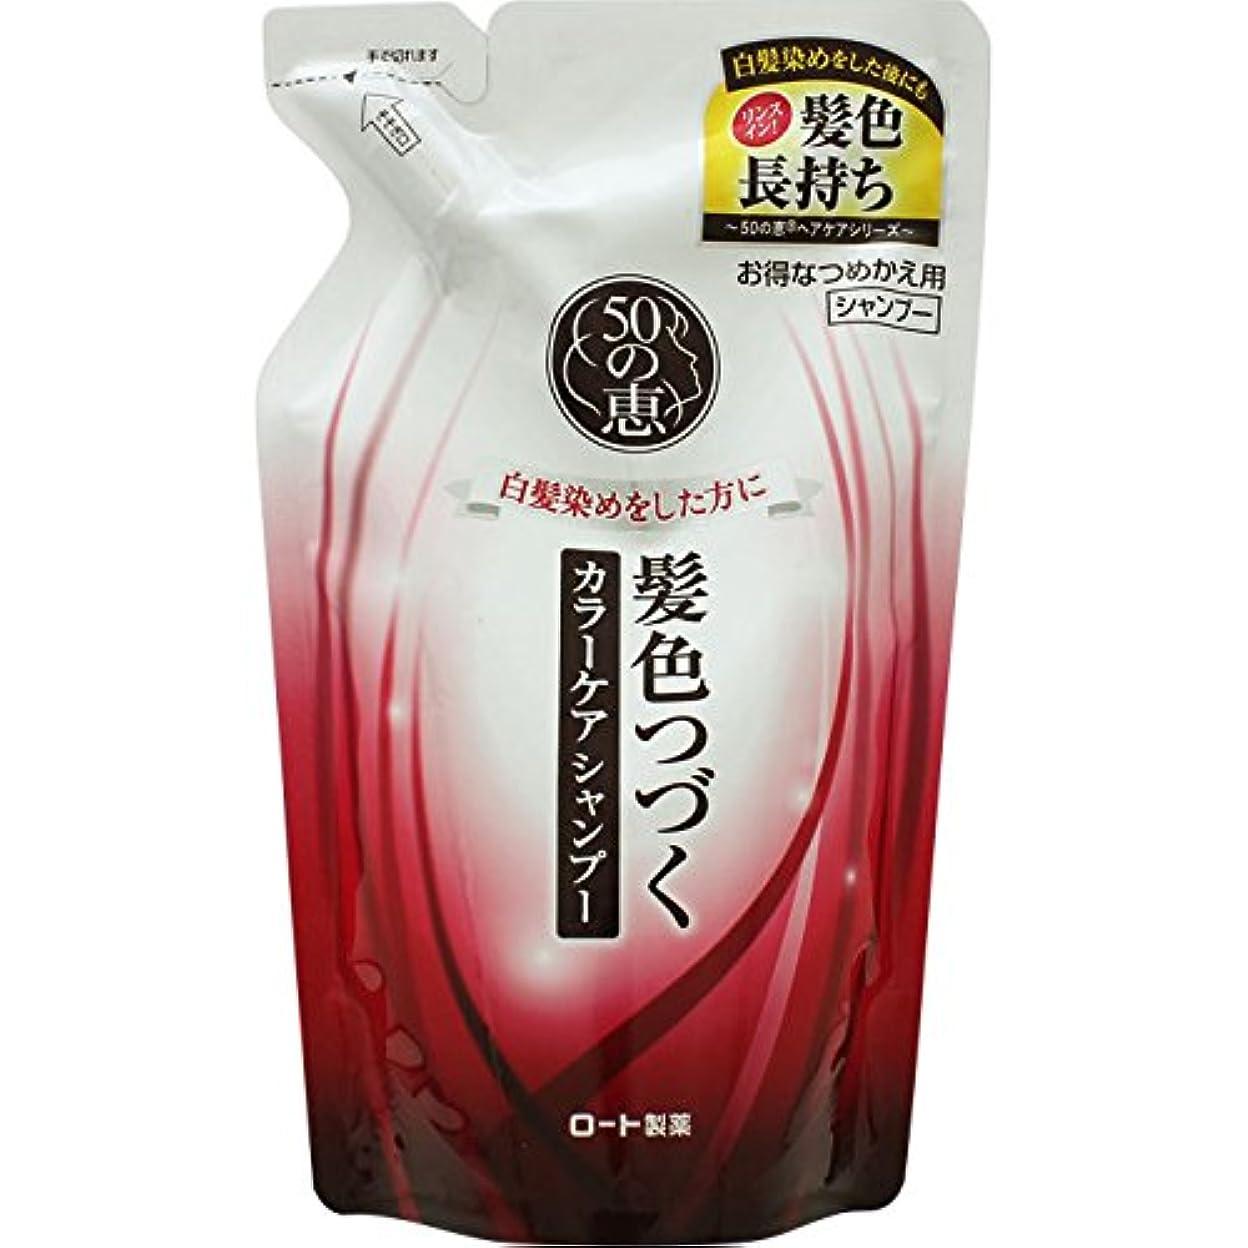 取り扱いリーク言及するロート製薬 50の恵エイジングケア カラーケアシャンプー 詰替用 330mL